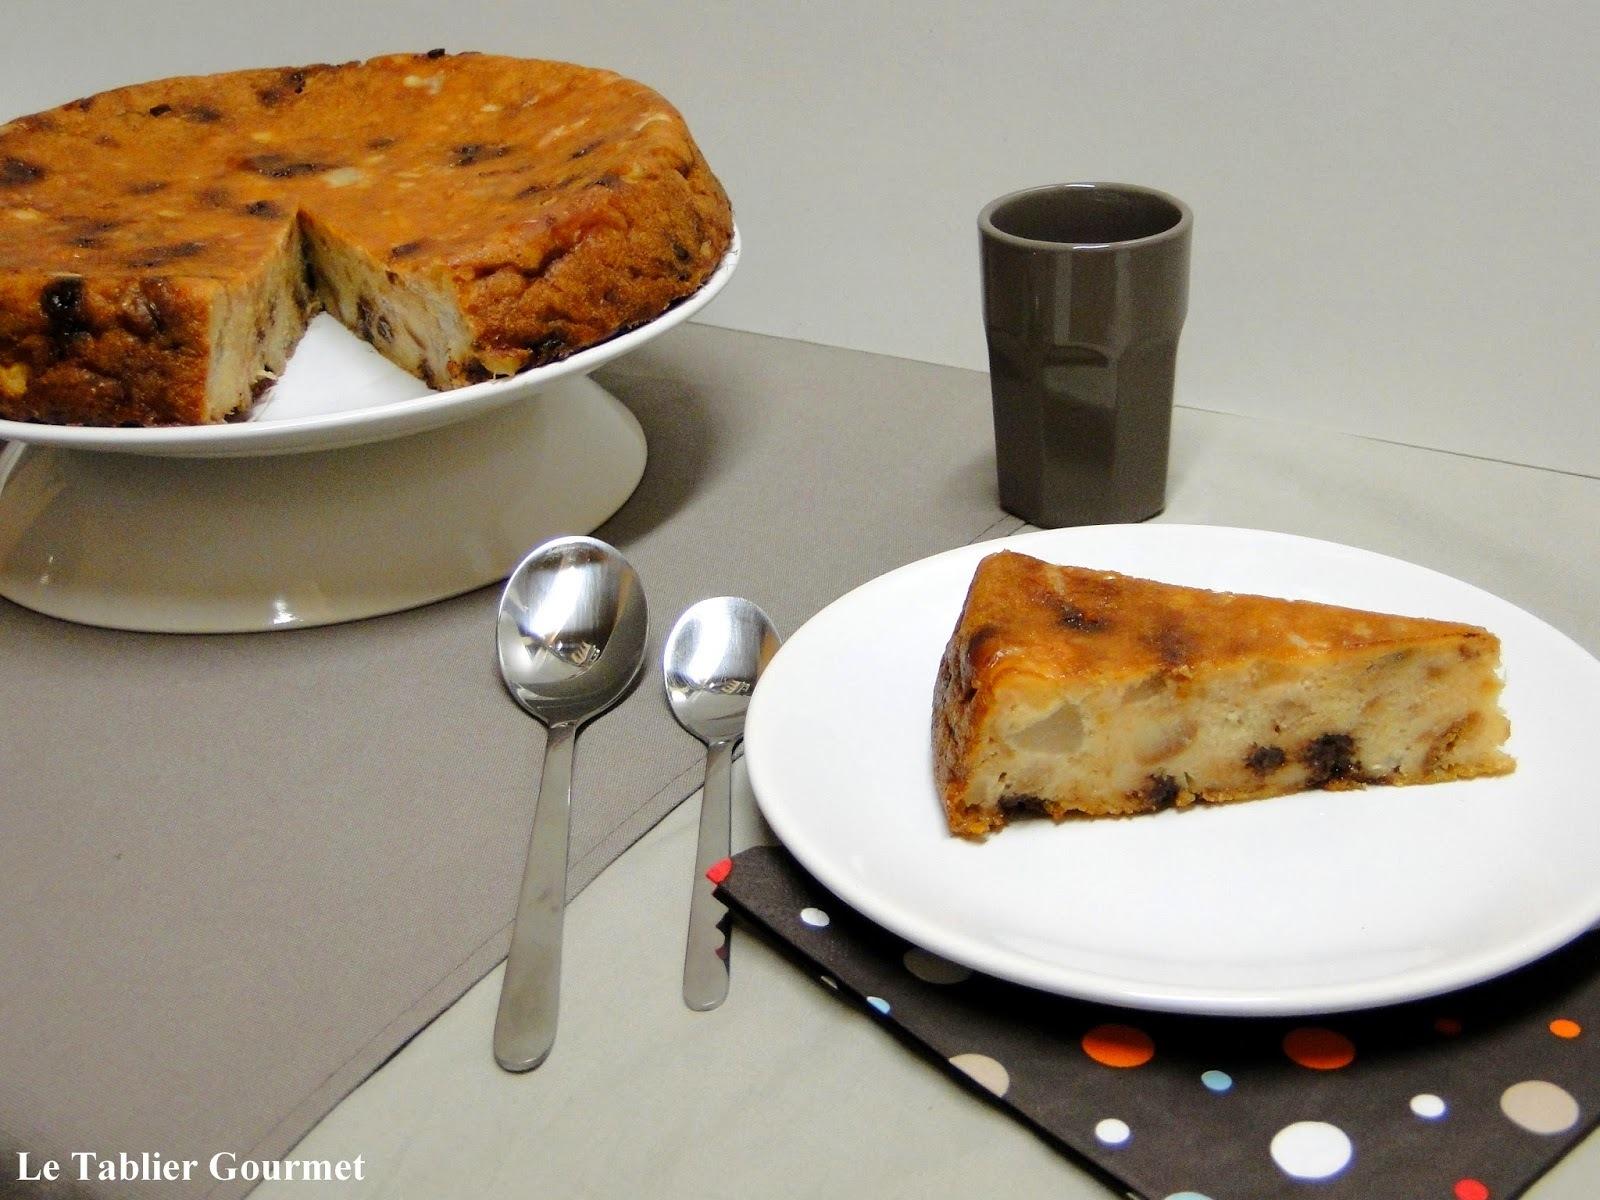 Le pudding aux poires et au chocolat : on transforme le pain rassis en dessert rapide, facile et pas cher !